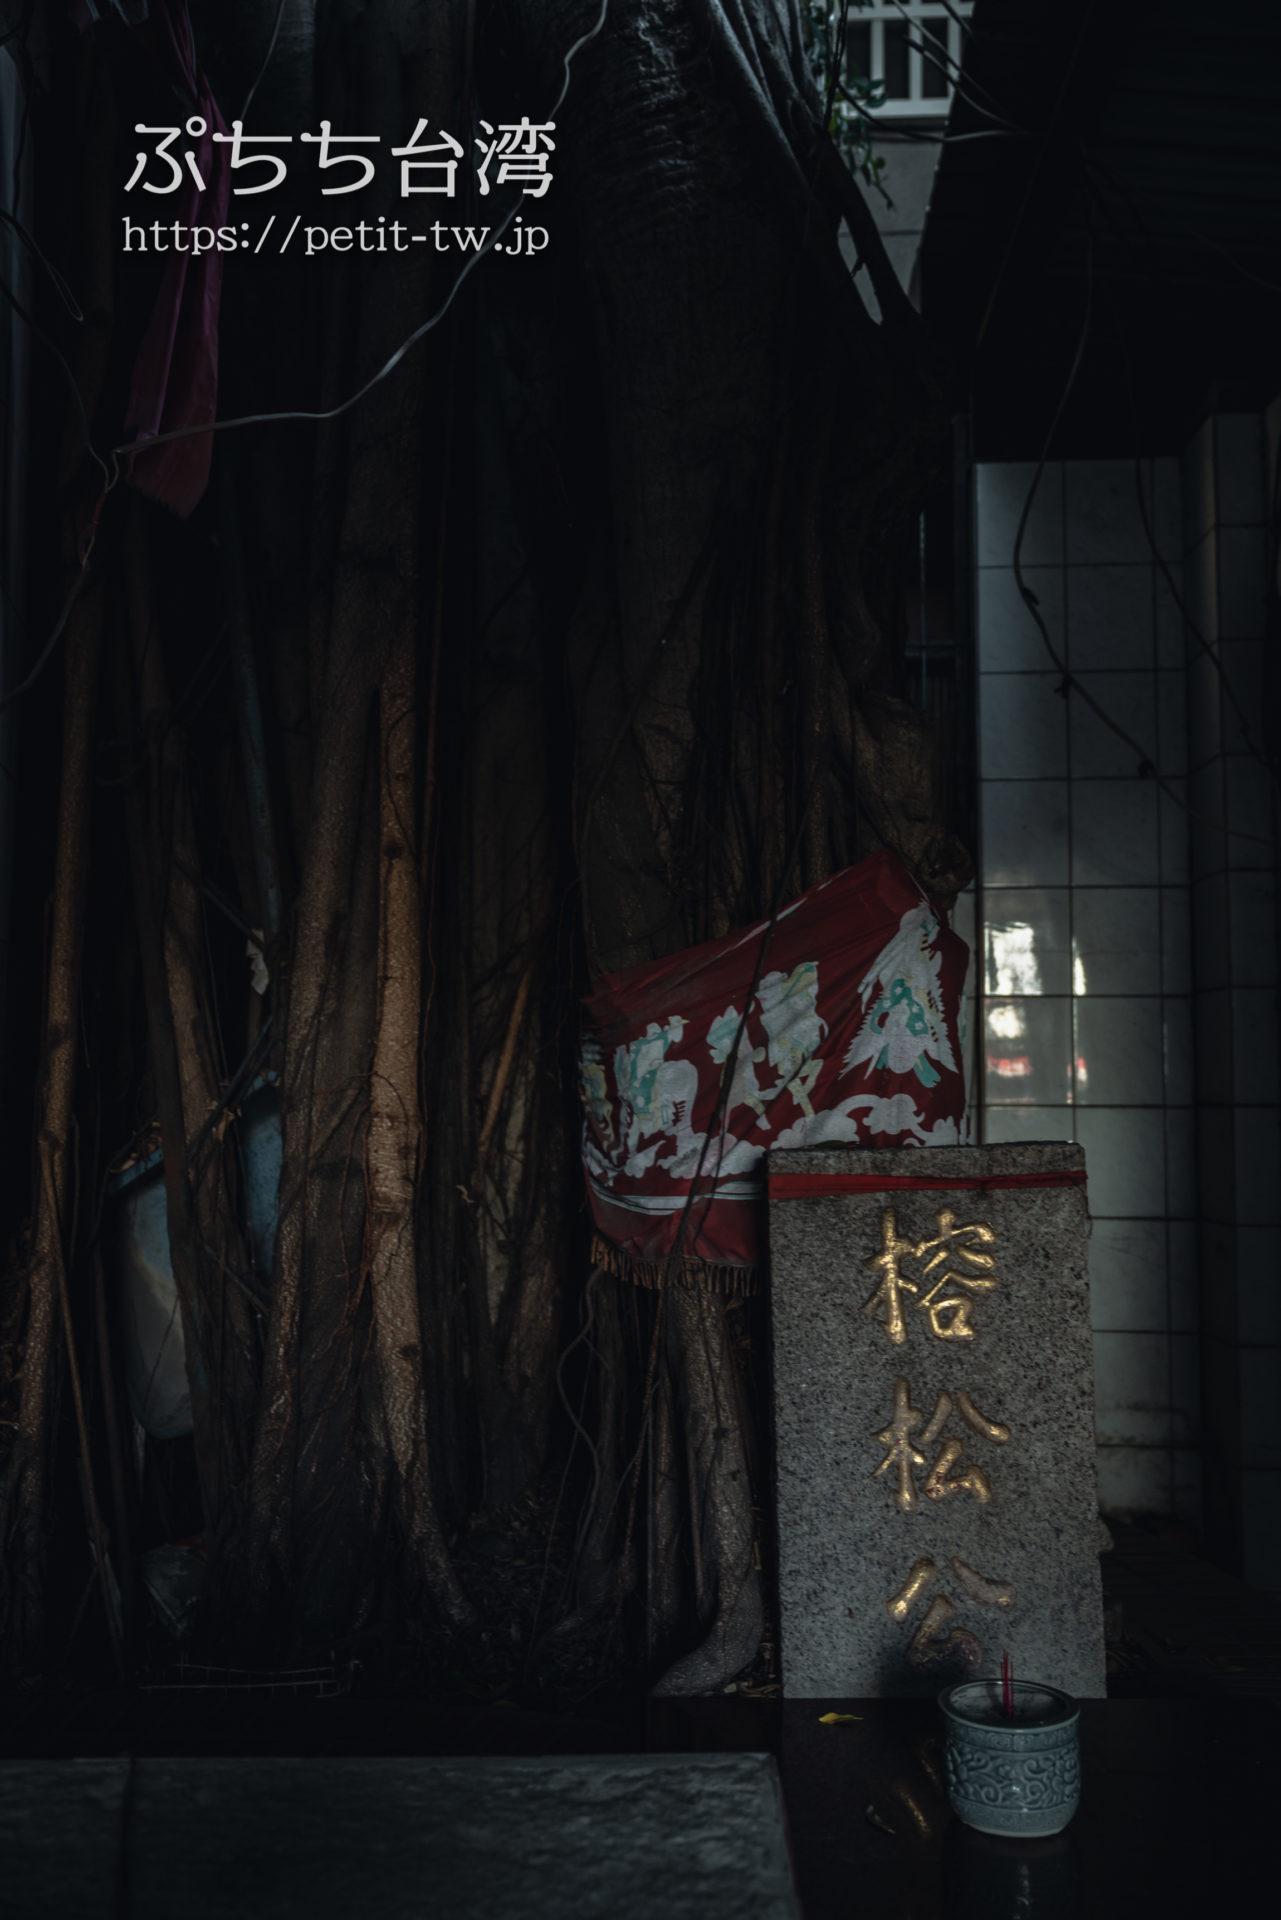 台南の神農街 ガジュマルの木